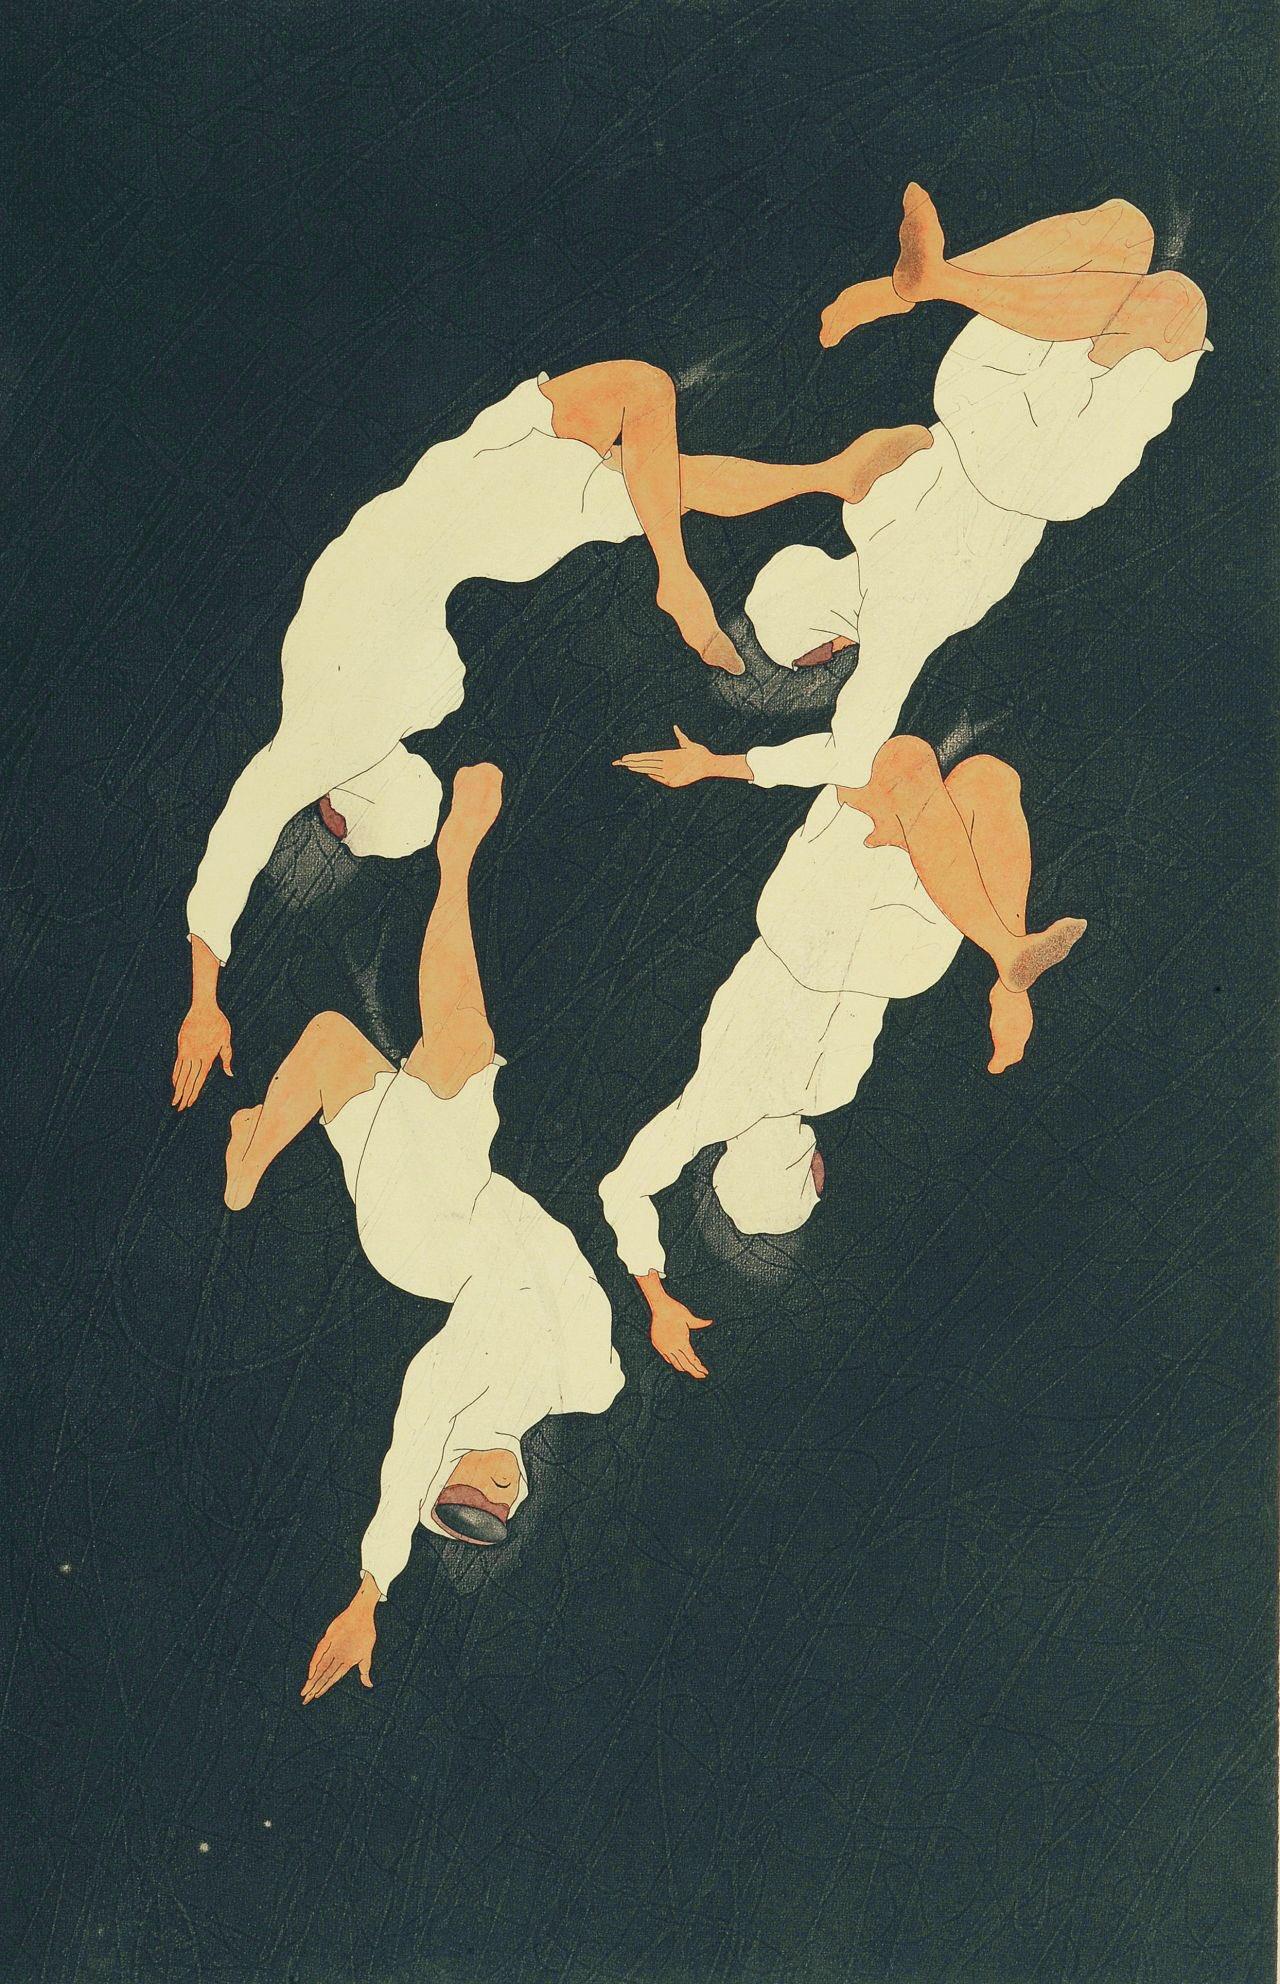 HOMBRES DE MAIS 52🌞🌞🌞 - cover